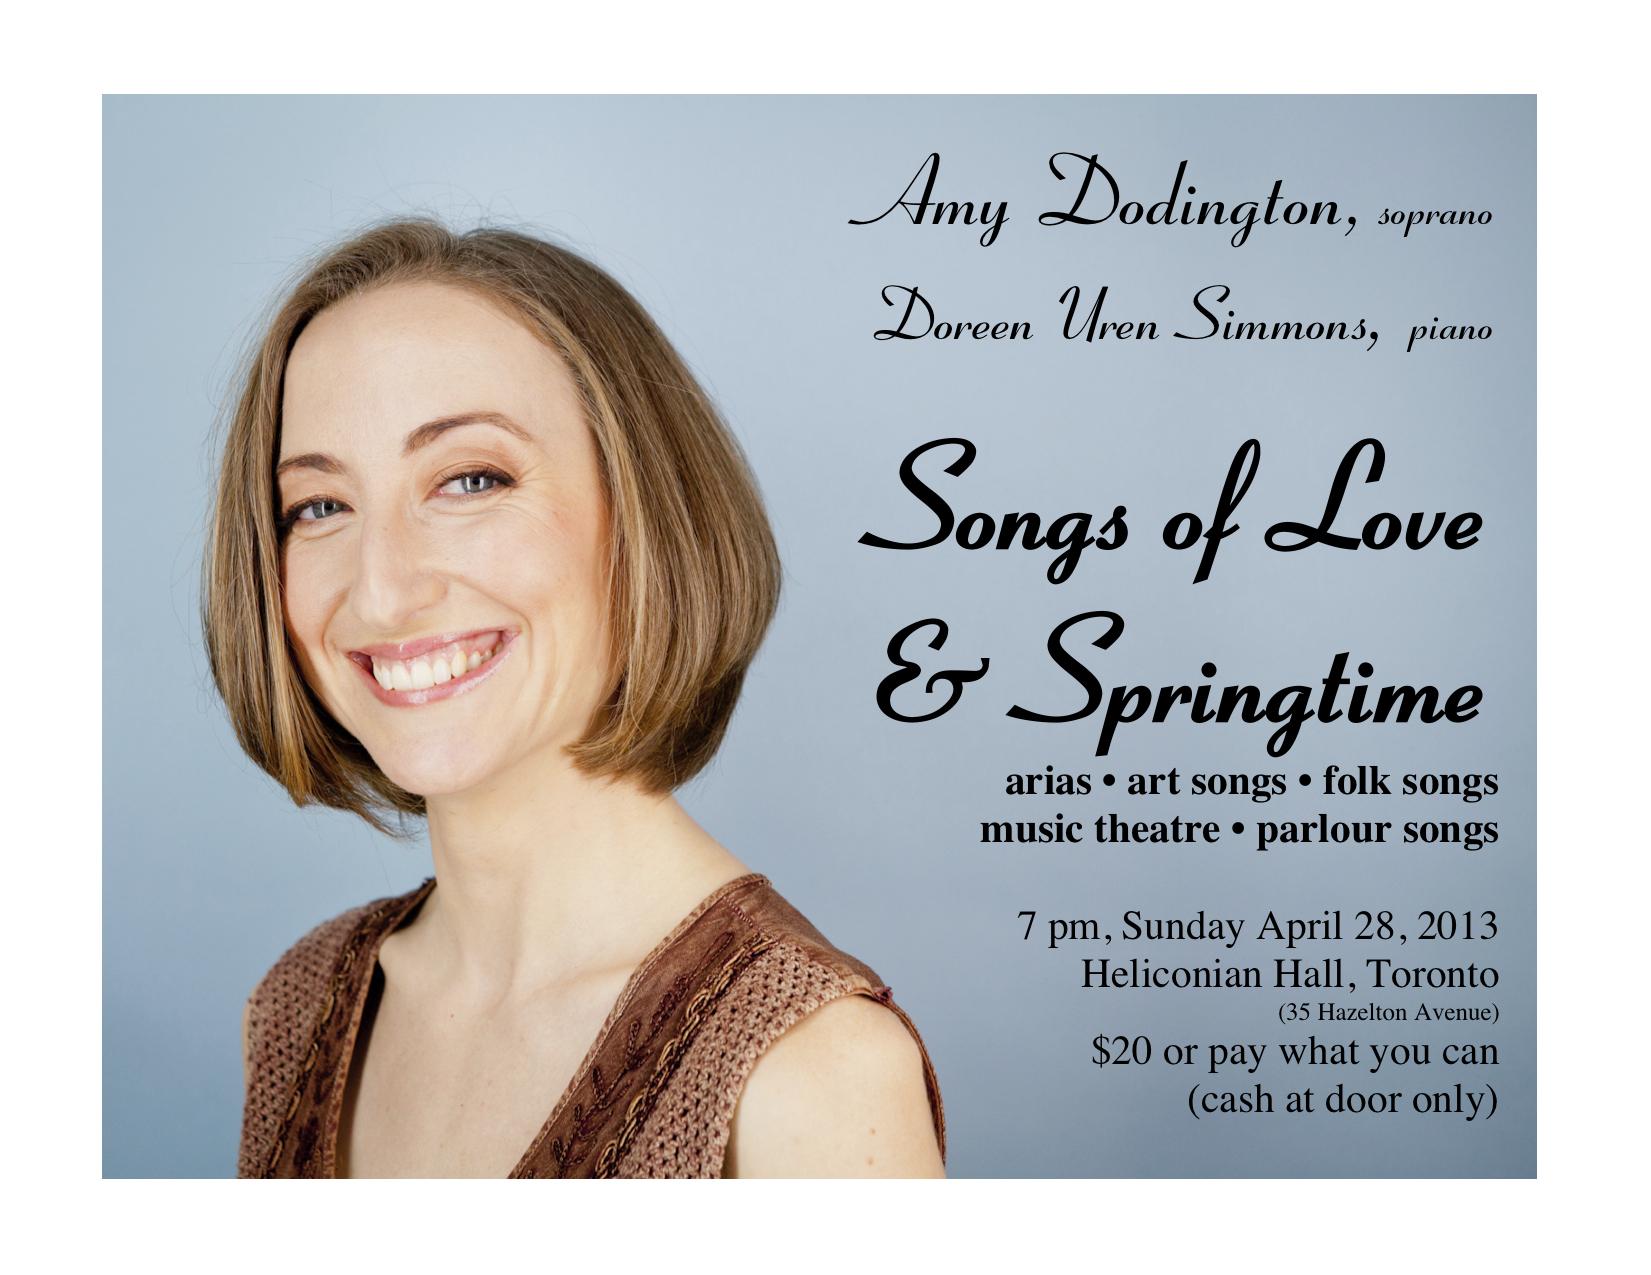 Amy Dodington, Soprano